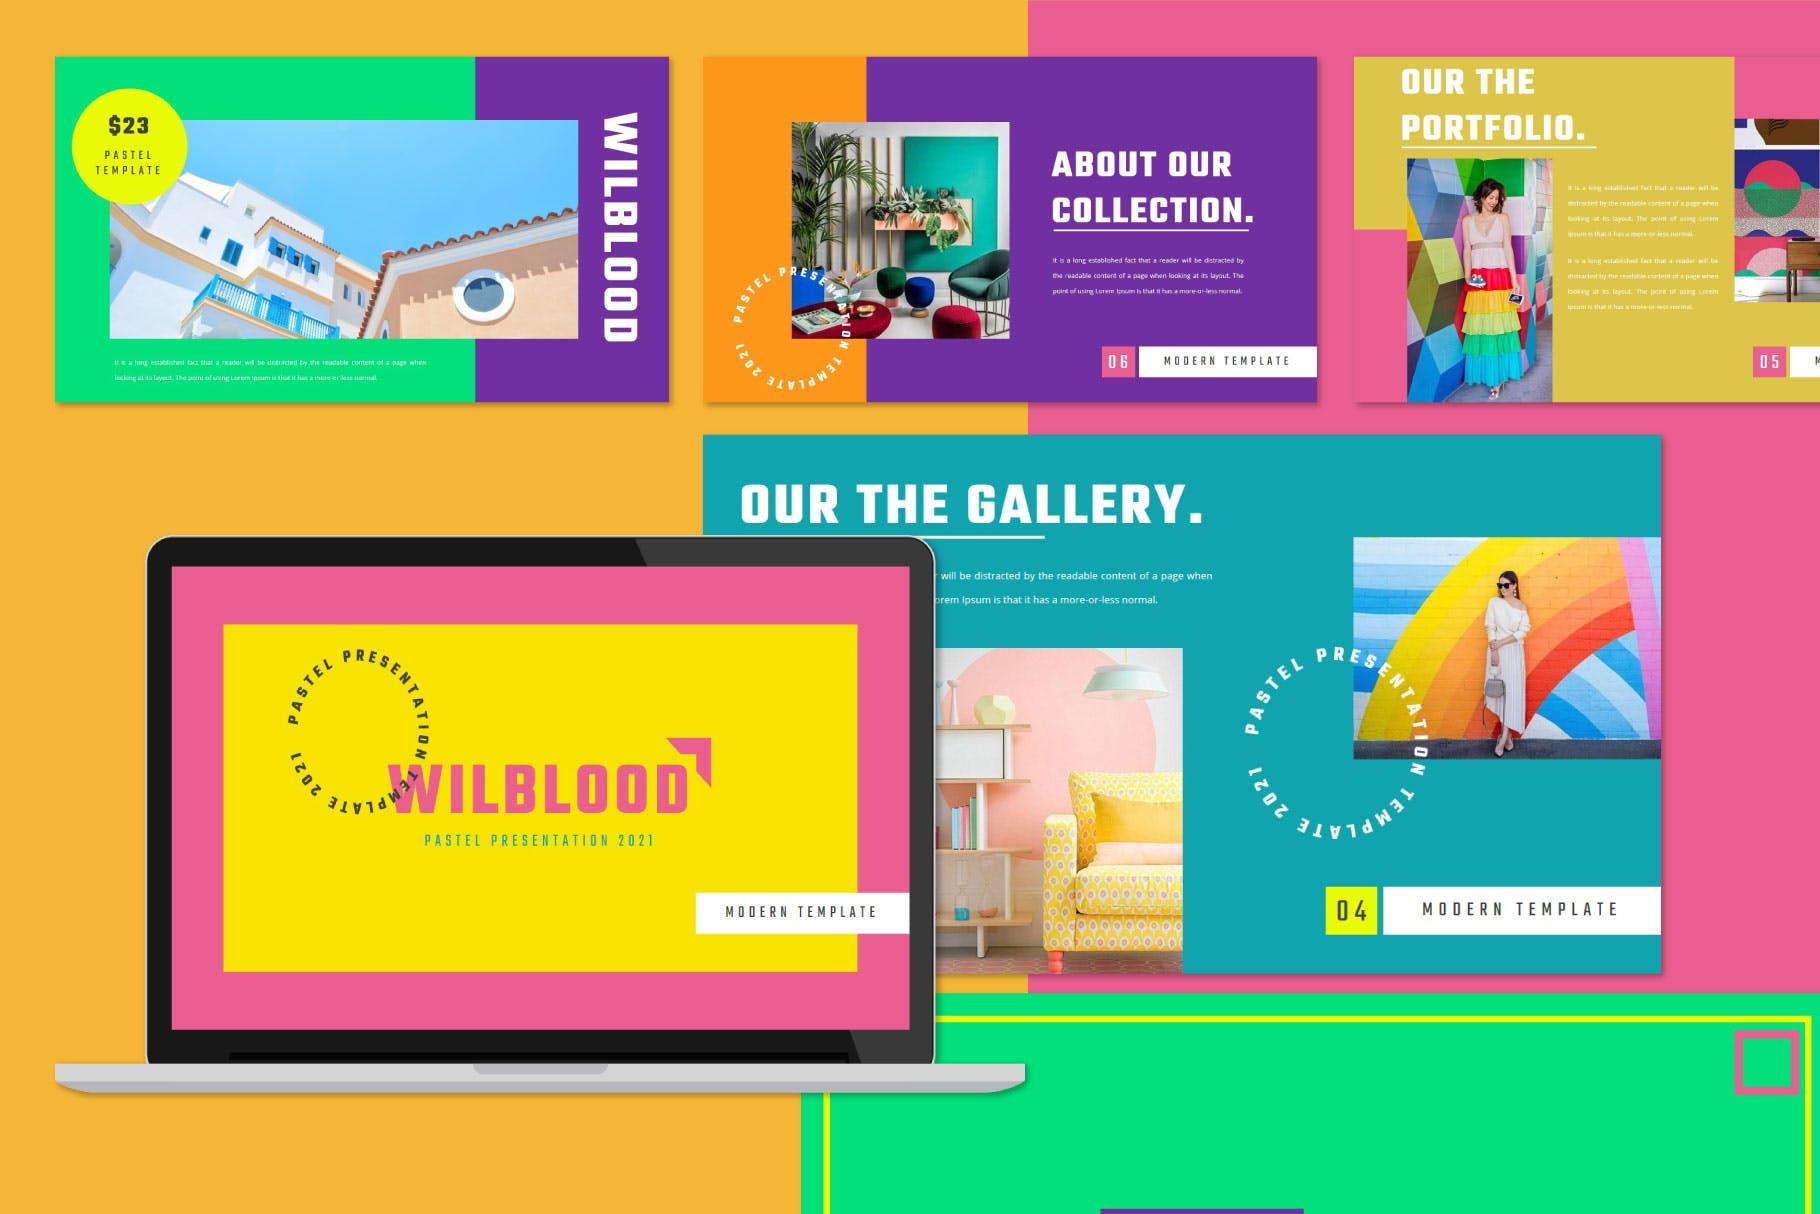 时尚炫彩服装策划提案简报作品集设计模版 WILBLOOD – Keynote Template插图3